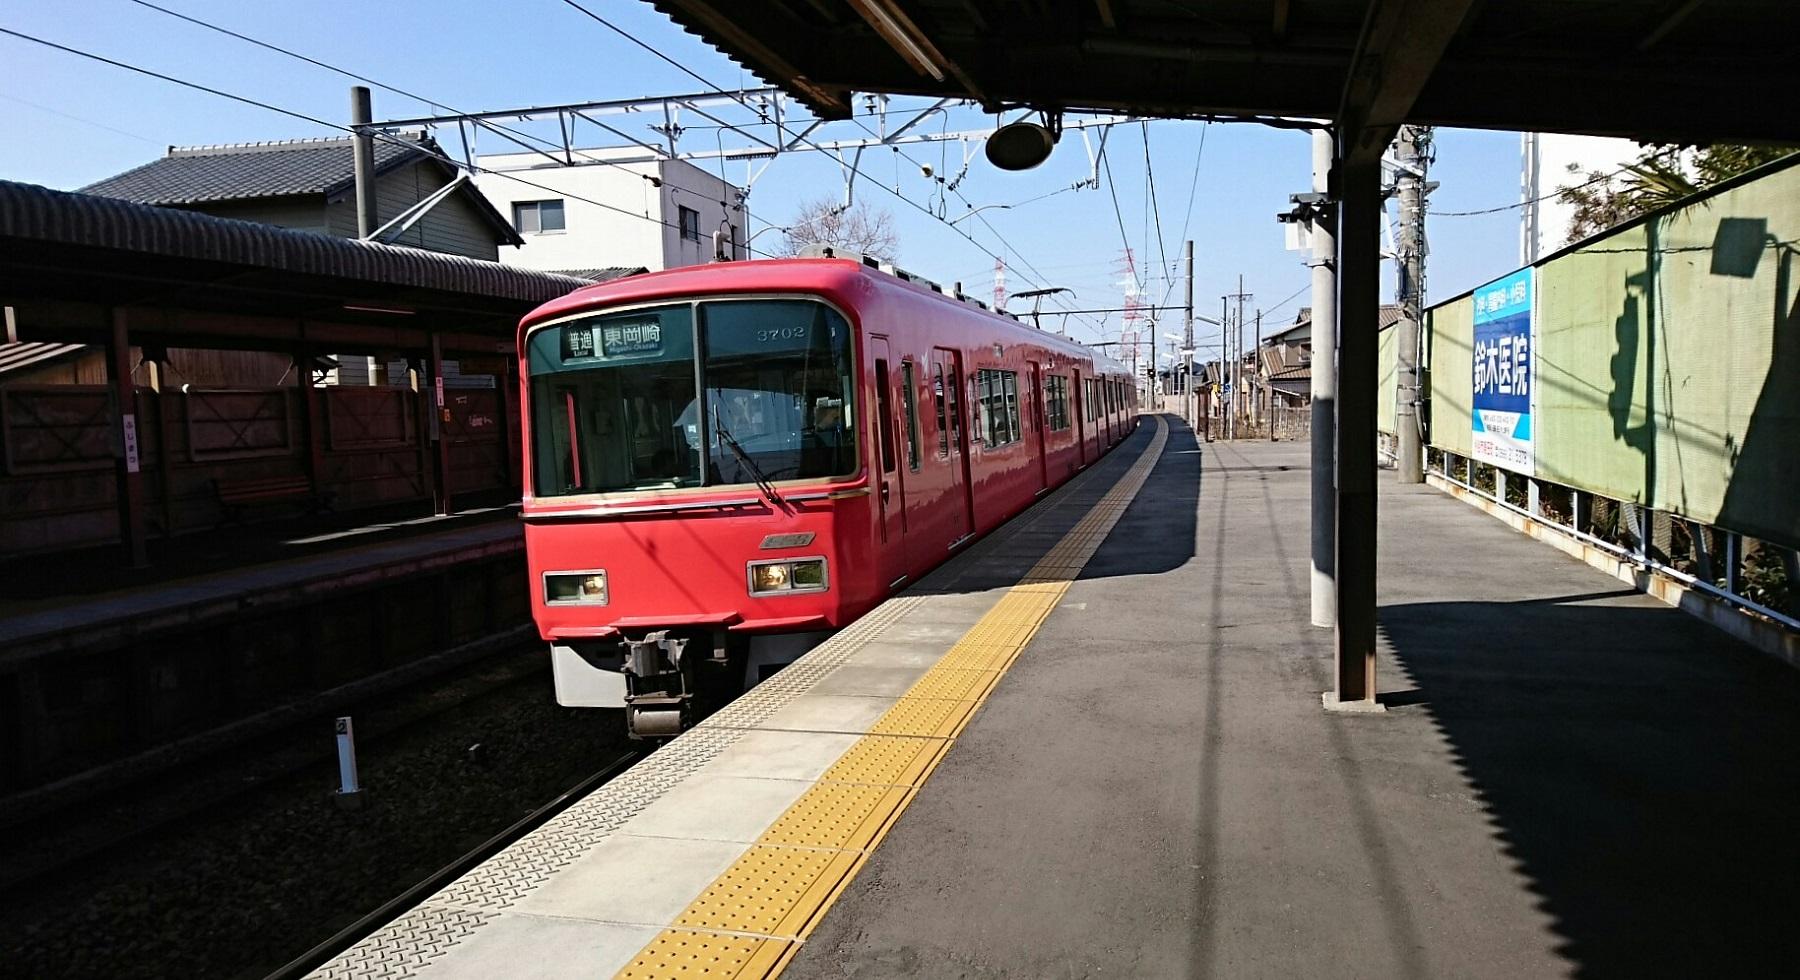 2018.2.26 富士松 (16) 富士松 - 東岡崎いきふつう 1800-980